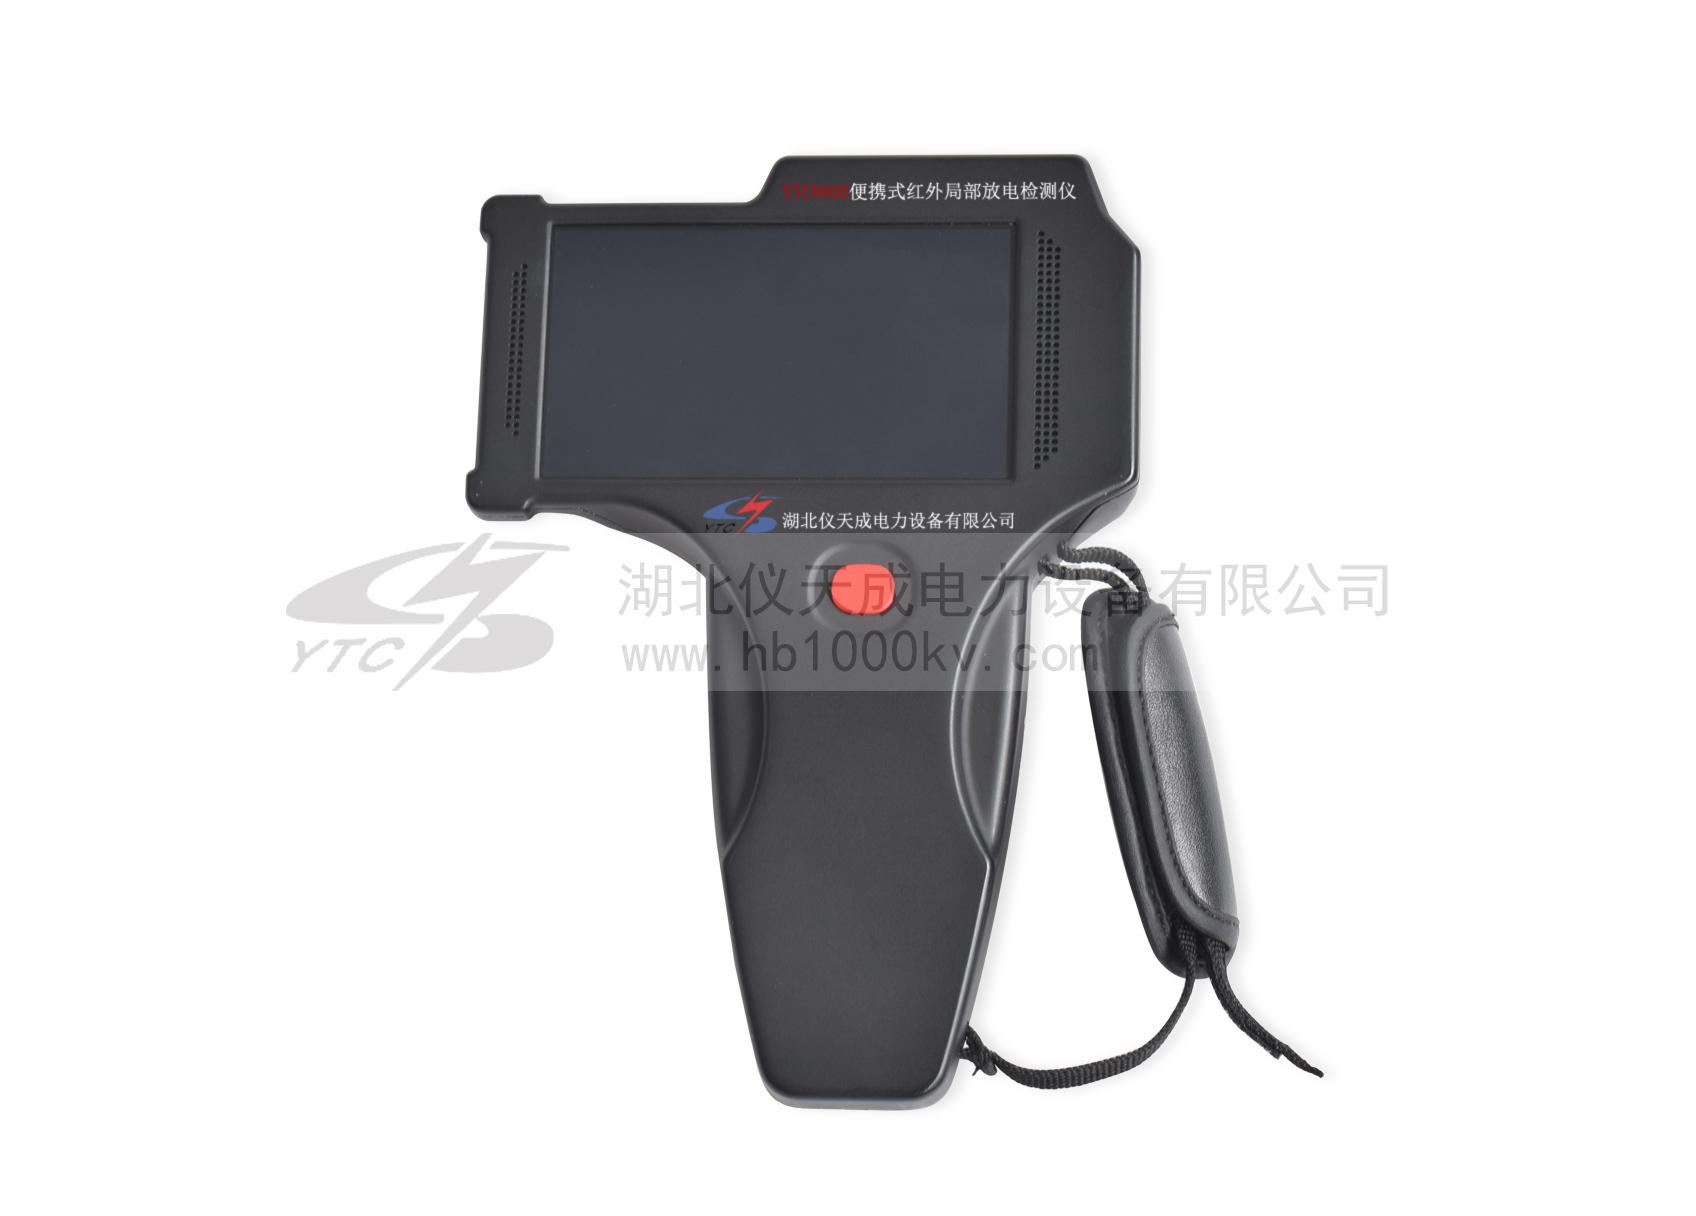 YTC9000便携式红外局部放电检测仪